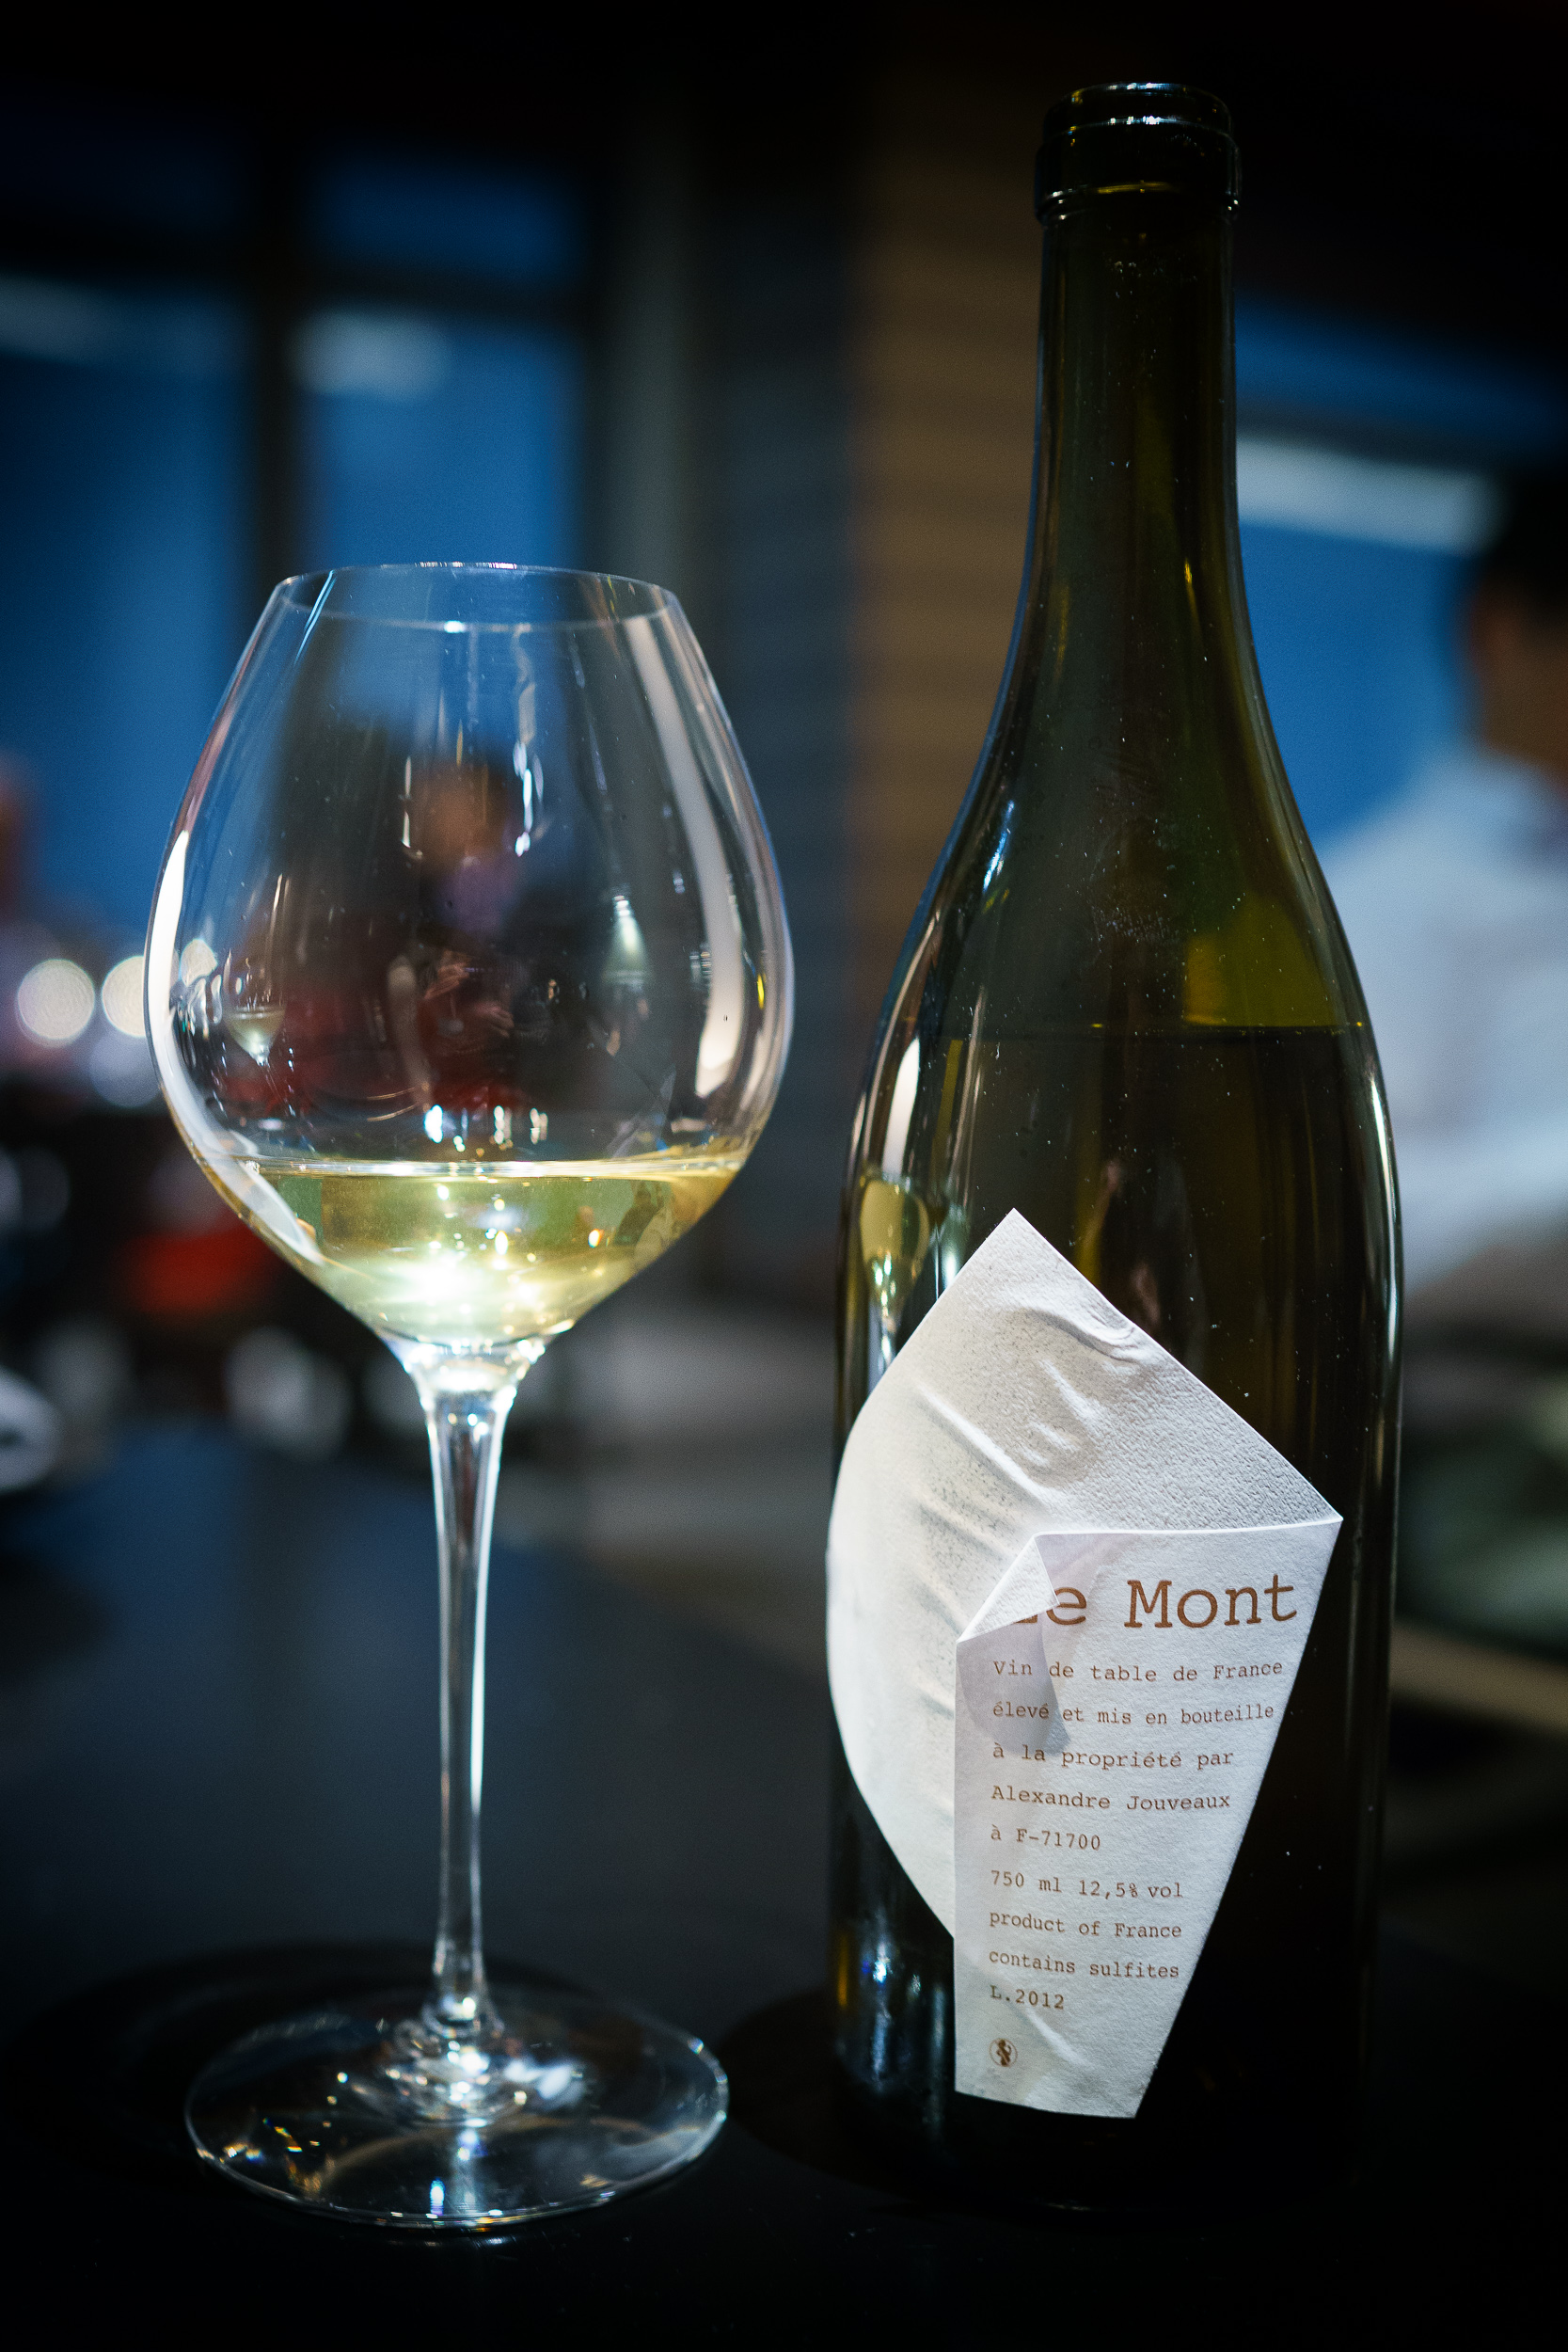 2012 Le Mont, Alexandre Jouveaux, Uchizy - Bourgogne